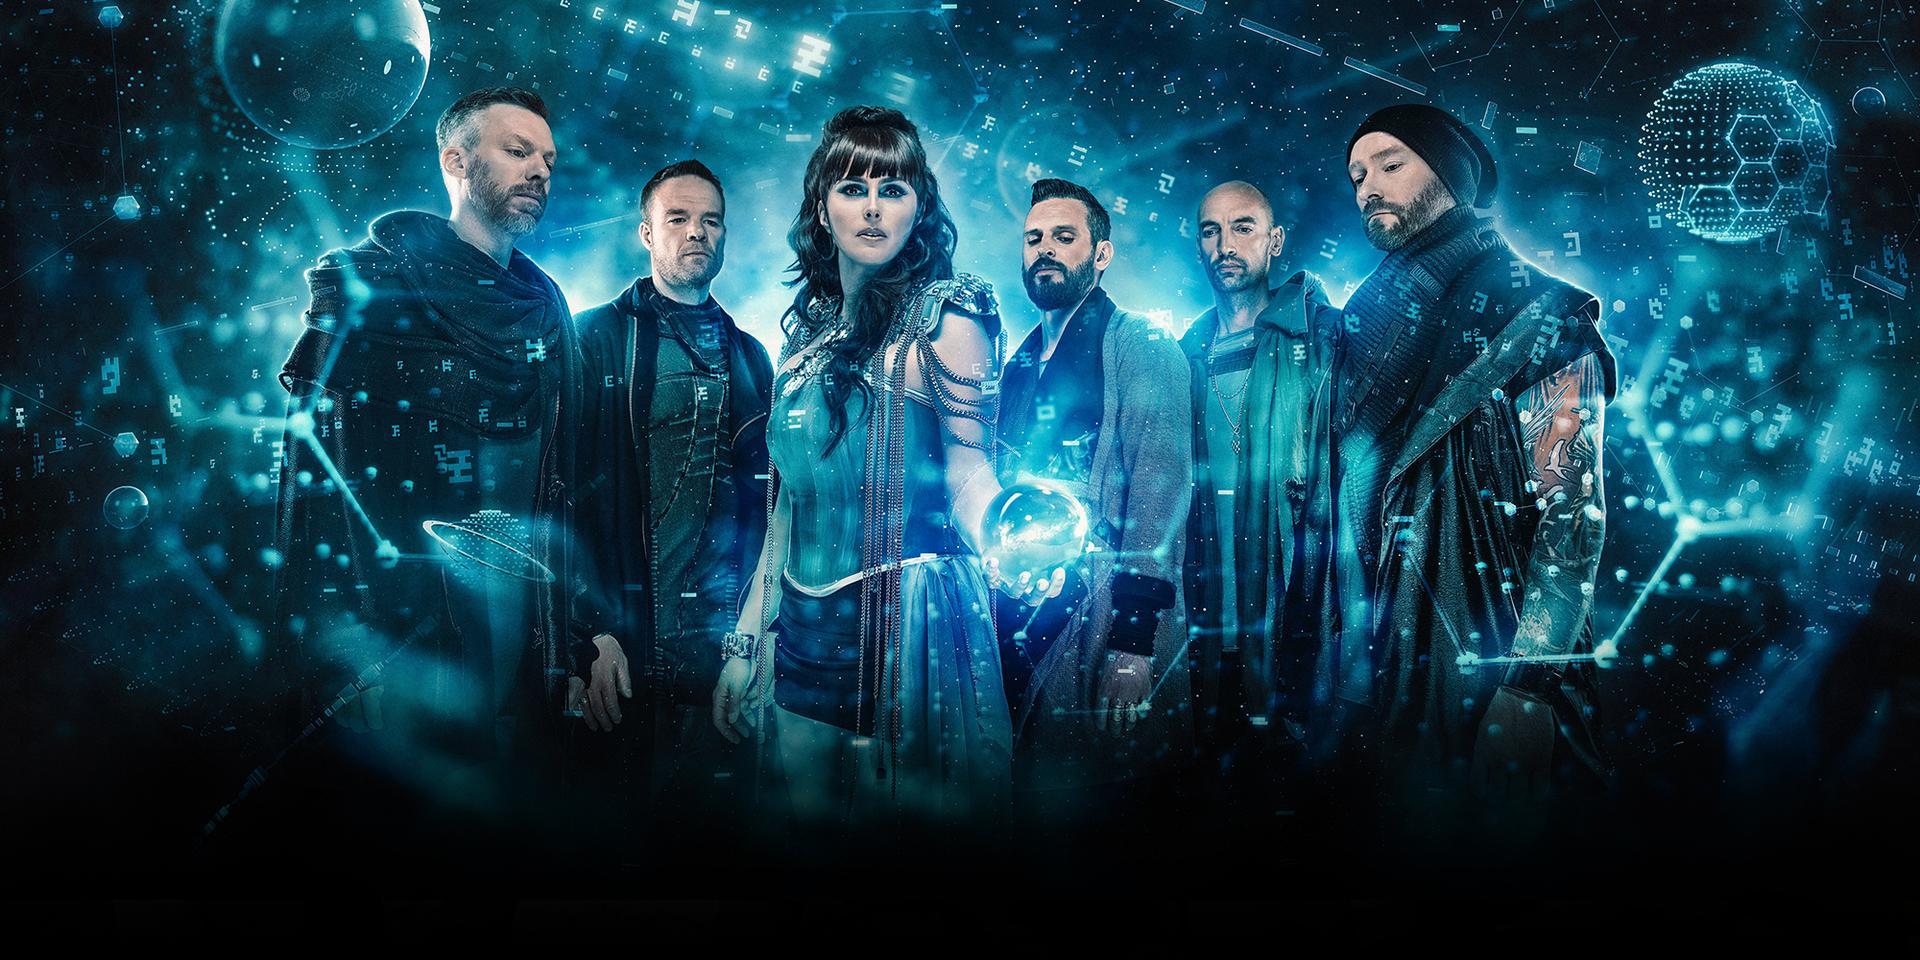 荷蘭交響樂團 Within Temptation 釋出新音樂 In Vain